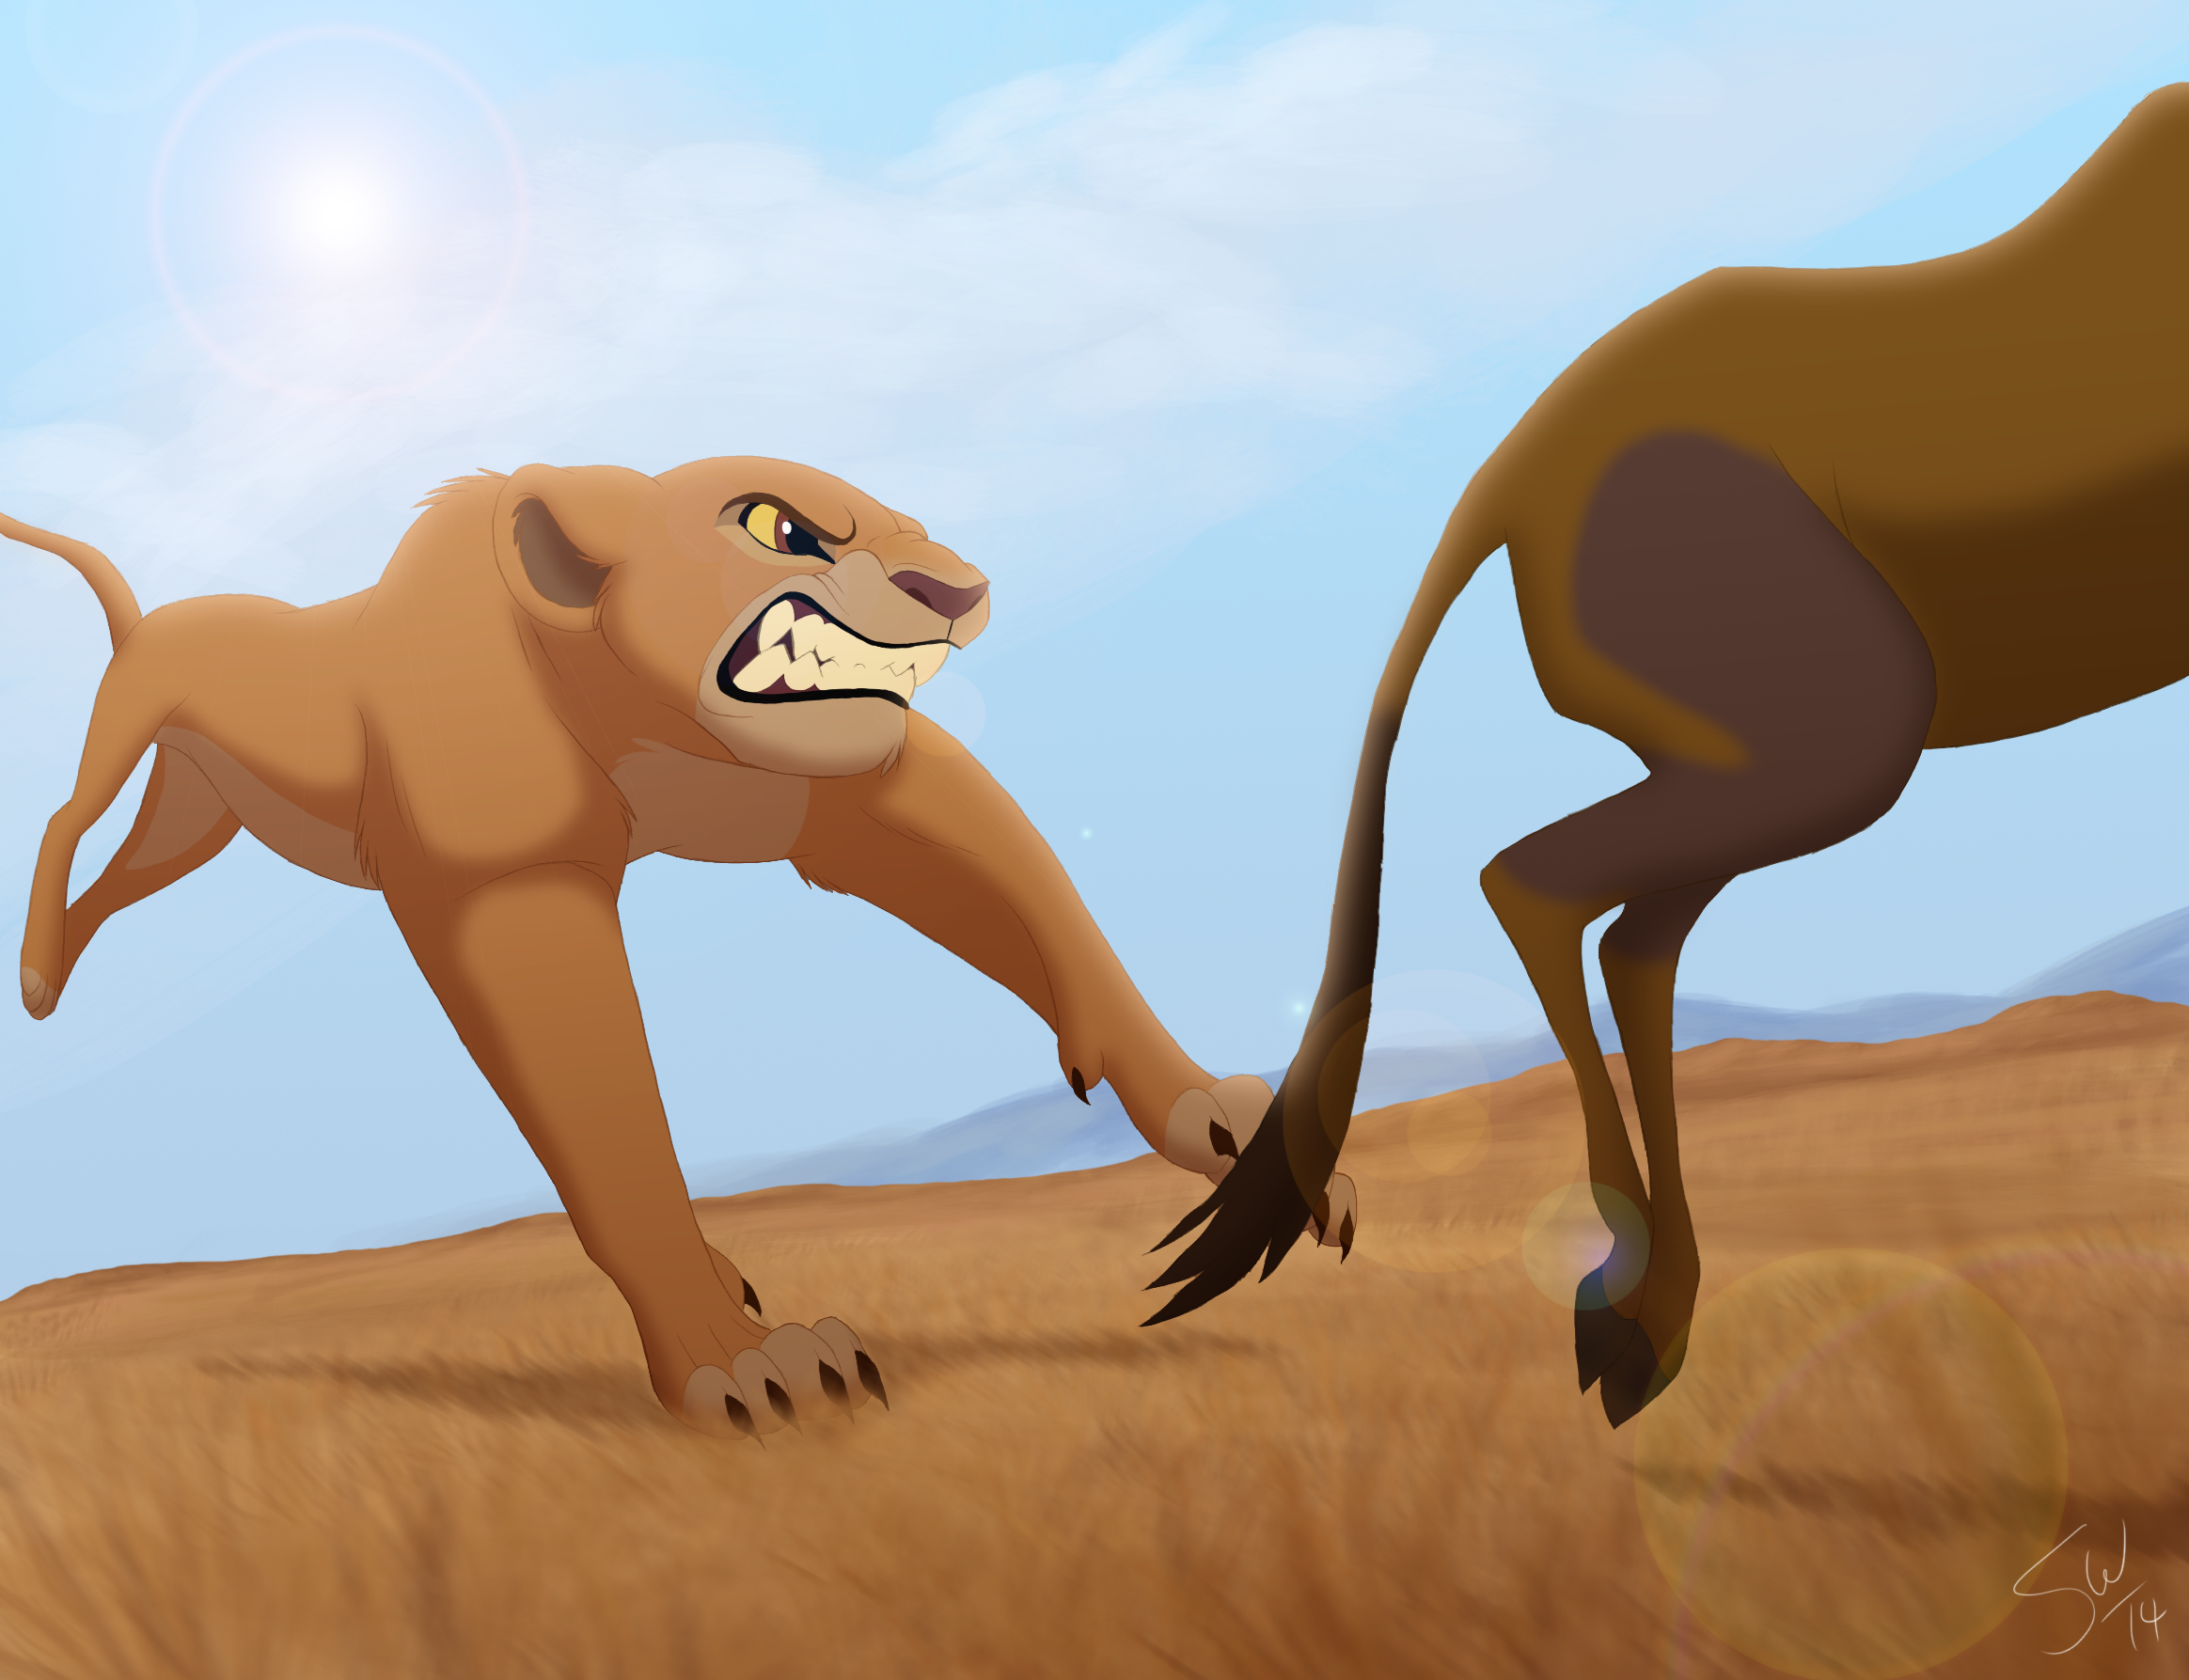 El Rey león: ojos cristalinos [Fan ficción] - Página 5 Kiara_the_huntress_by_tc_96-d4tfsm3